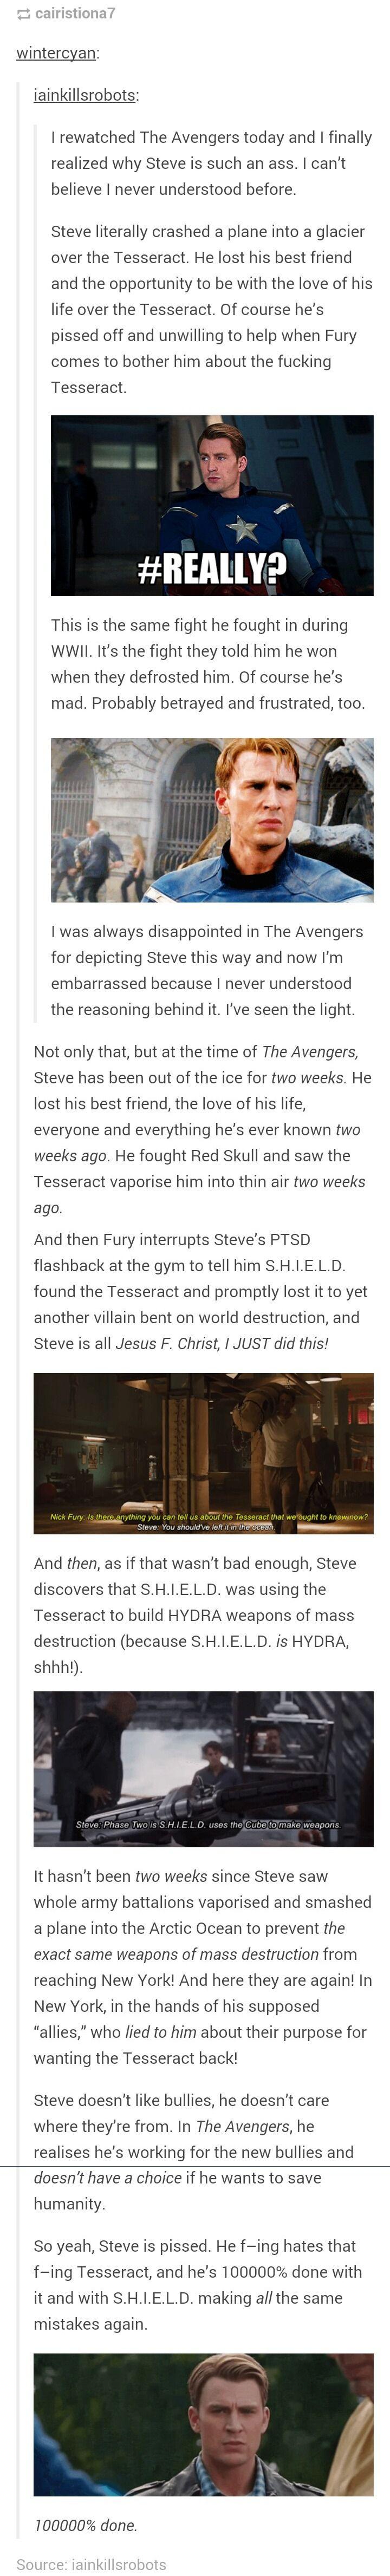 Steve in the Avengers